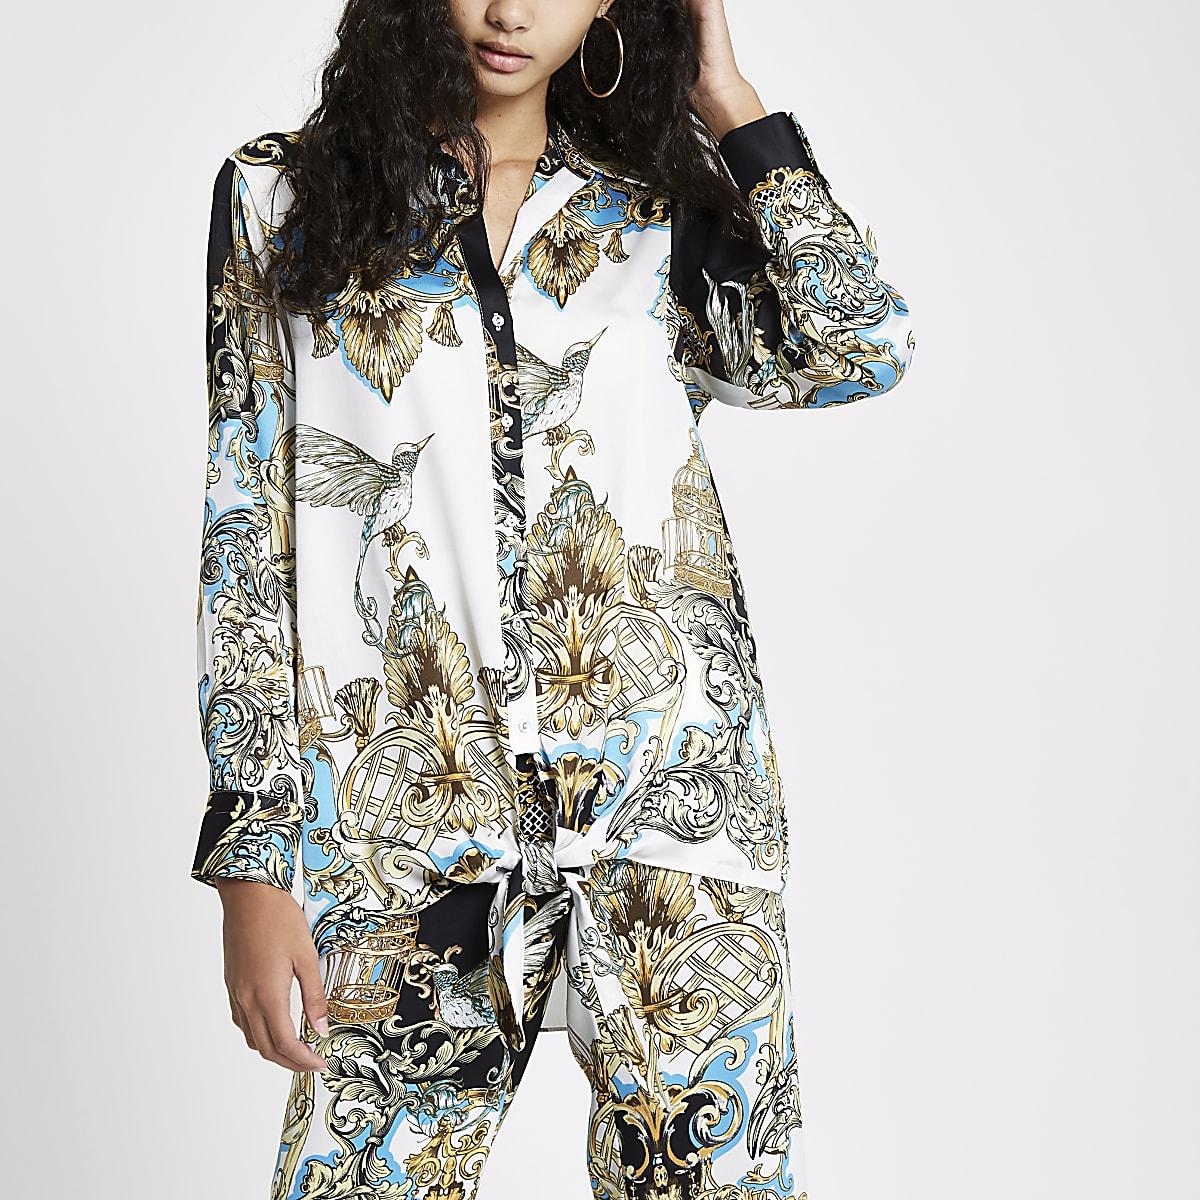 Overhemd Creme.Creme Overhemd Met Print En Knoop Voor Overhemden Tops Dames